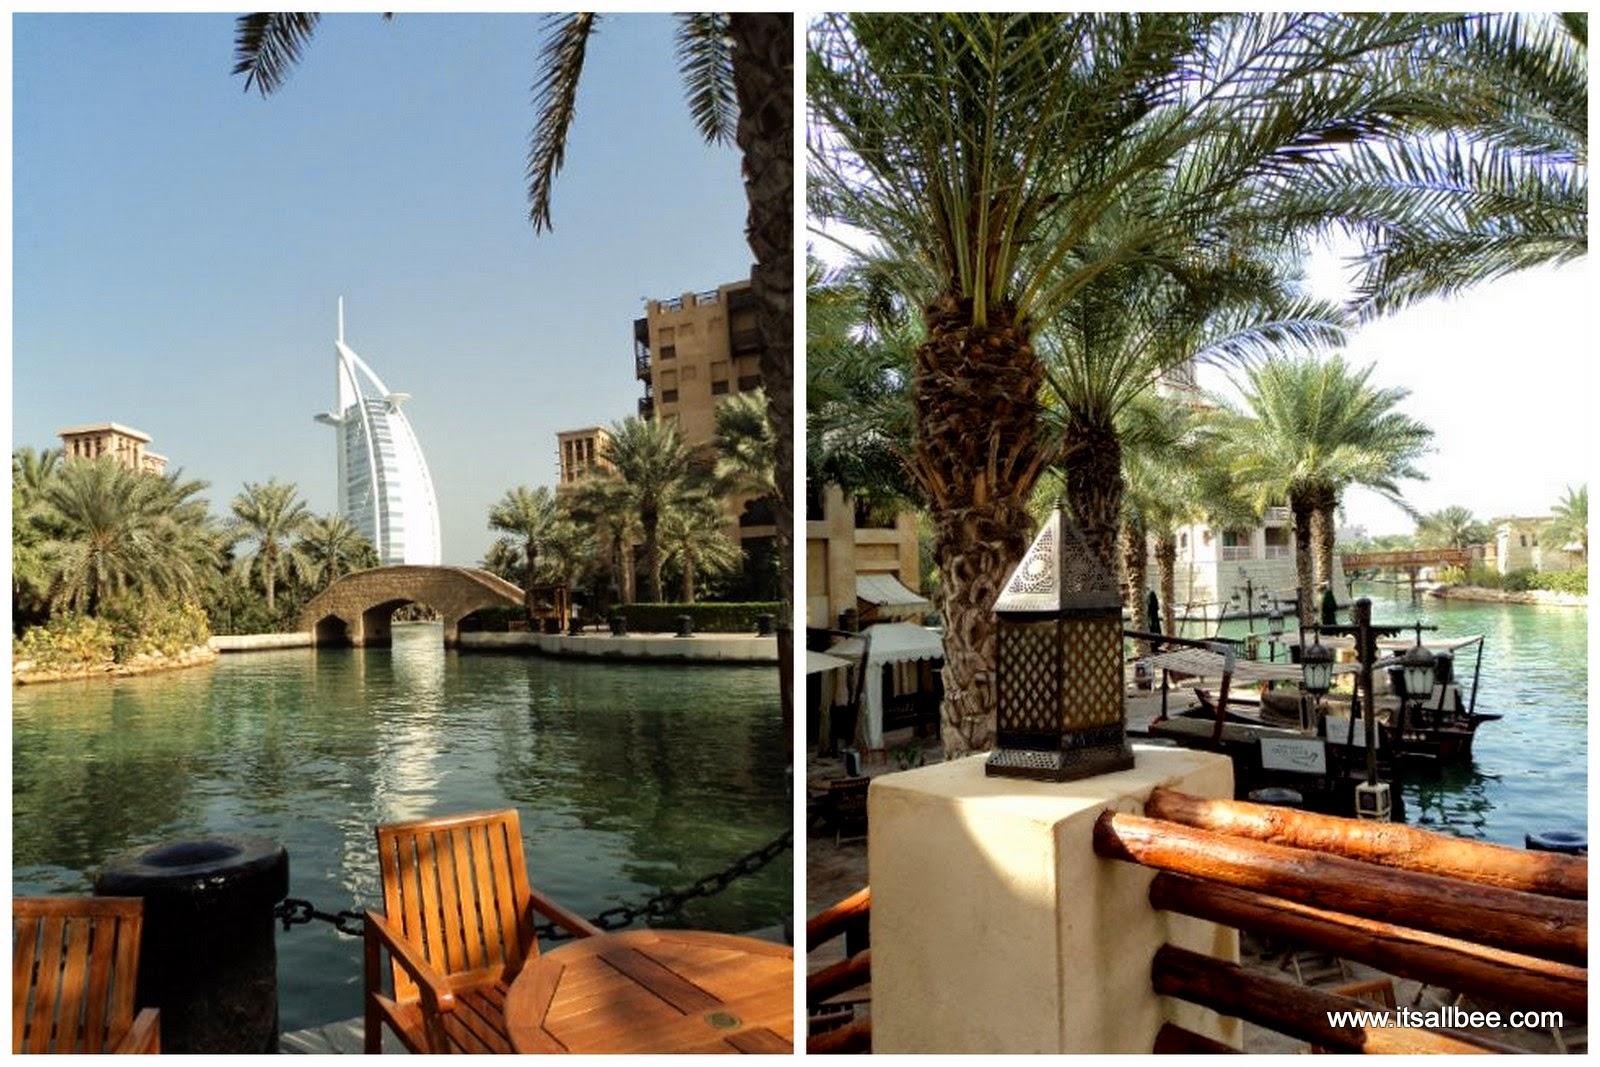 Dubai | A Visual Diary - Dubai Marina